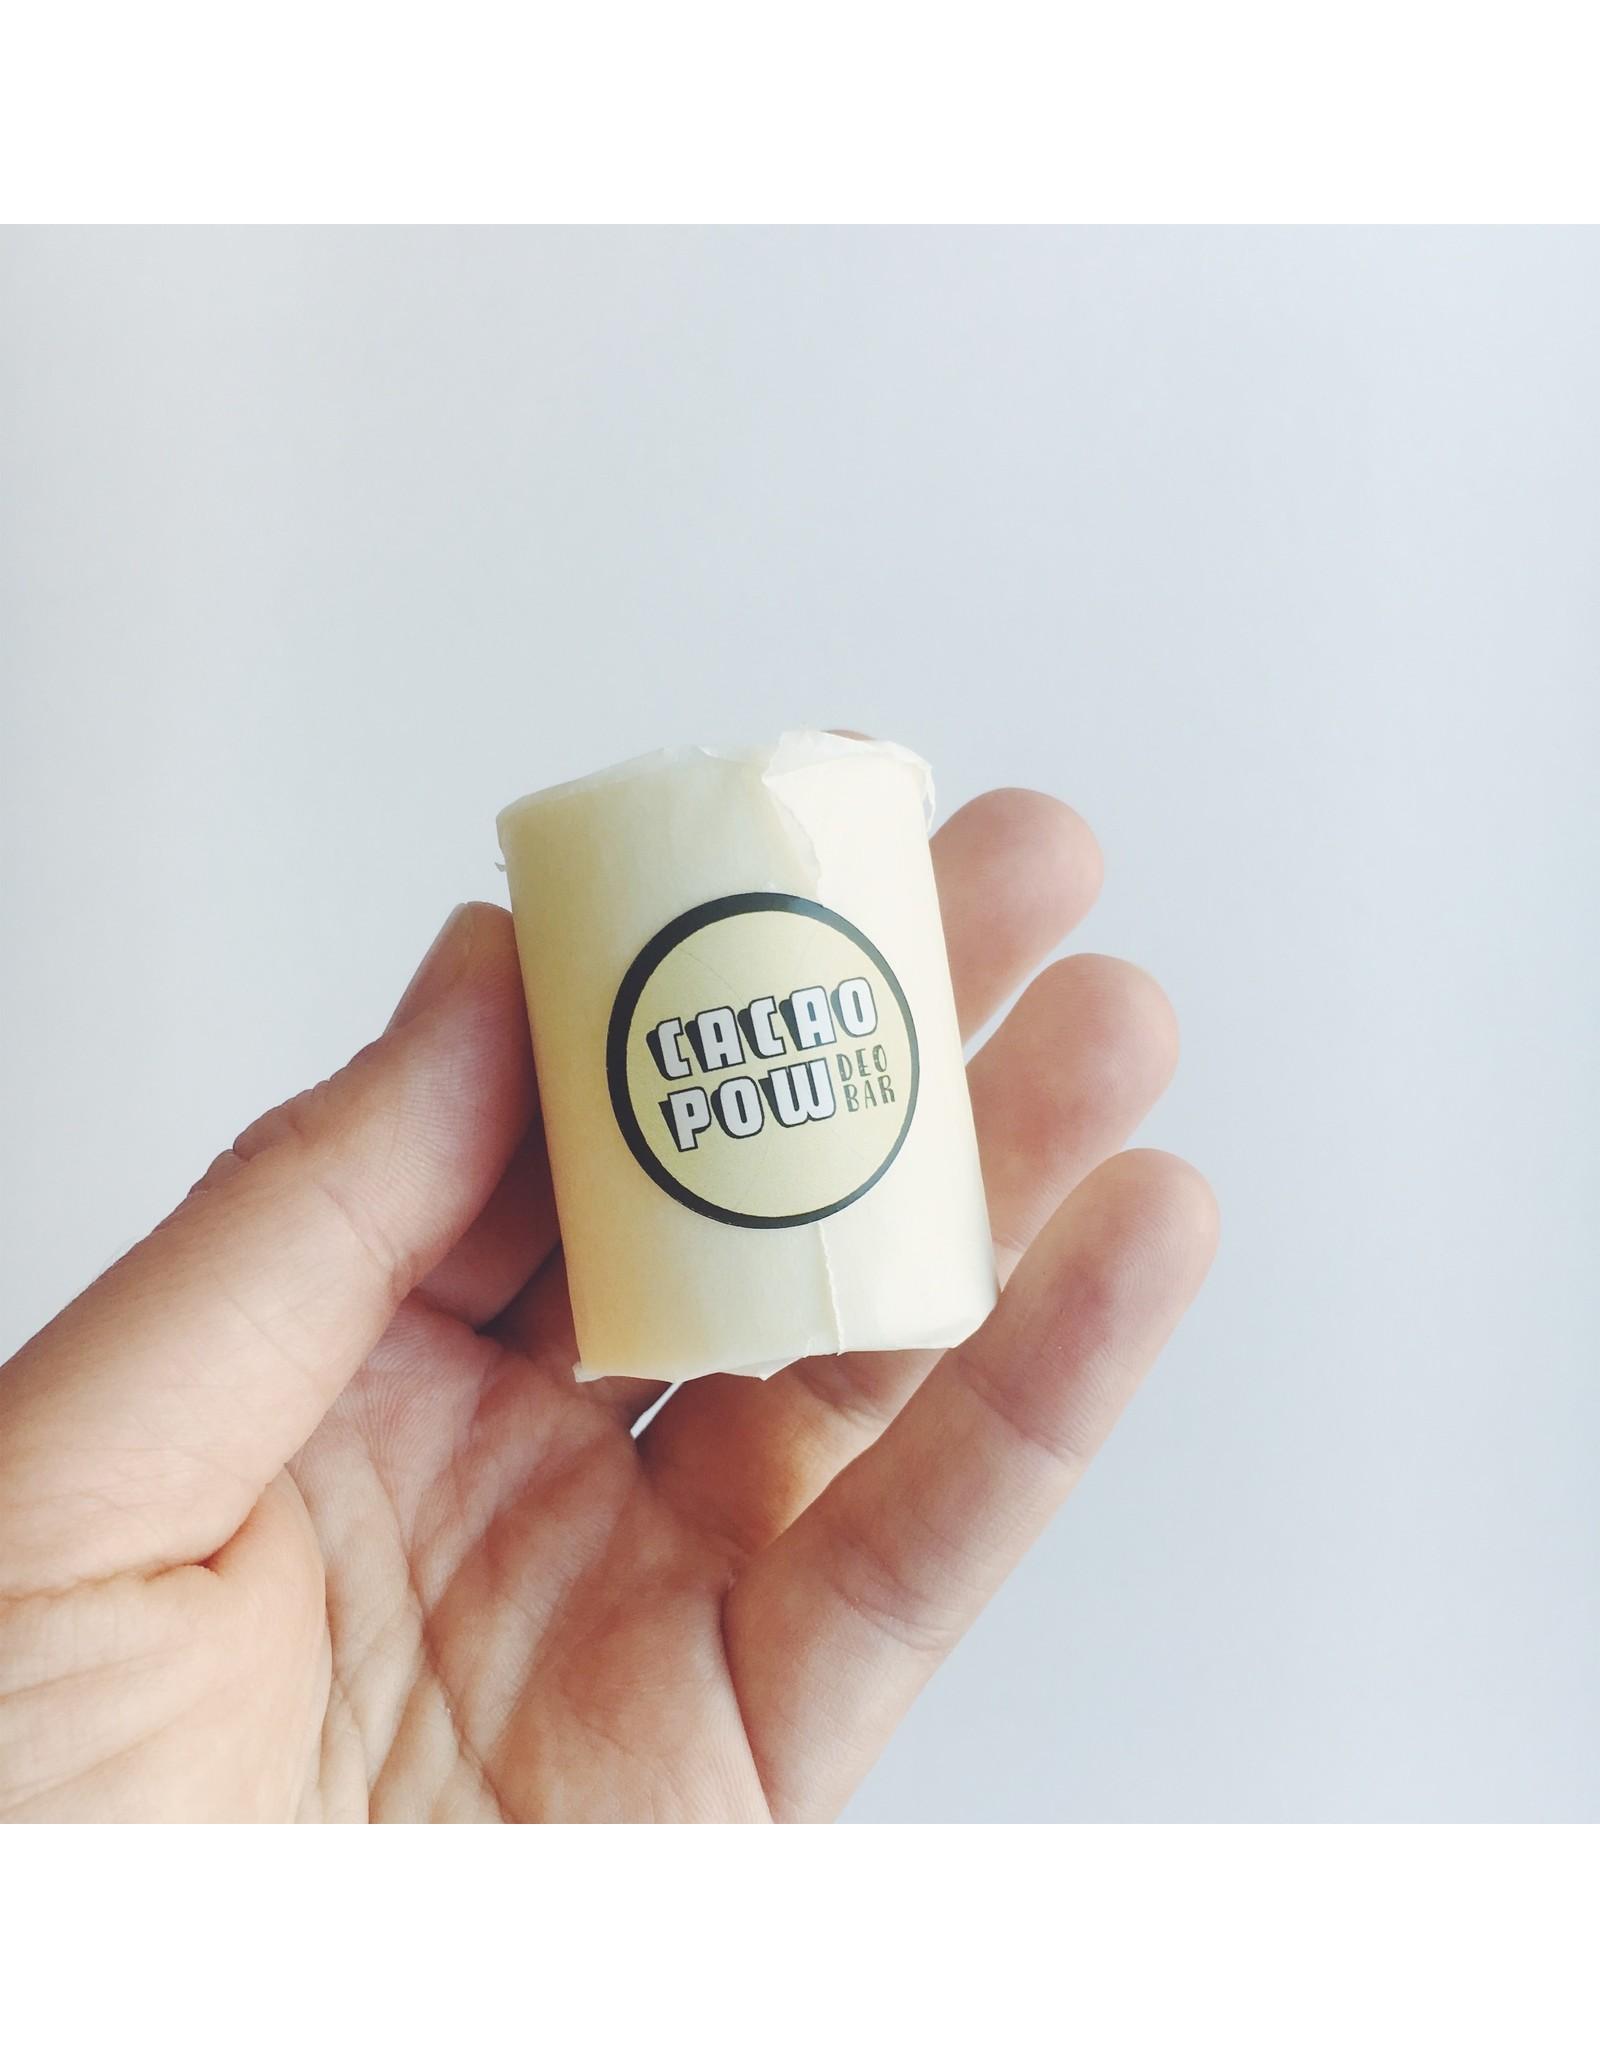 Cacao Pow Deodorant